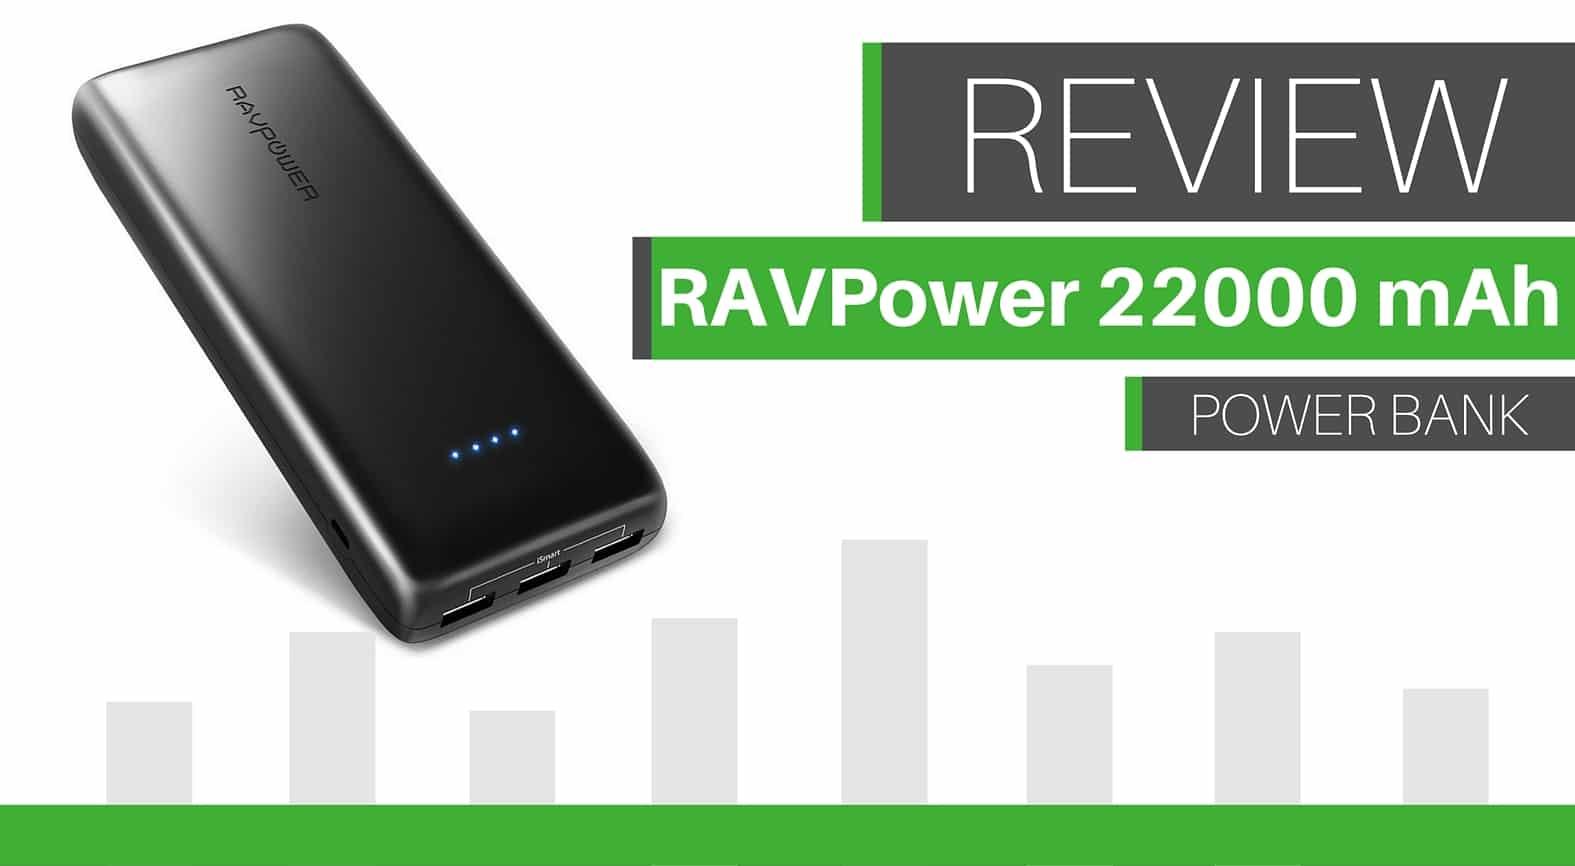 RAVPower Ace 22000 mAh, el nuevo buque insignia de la marca